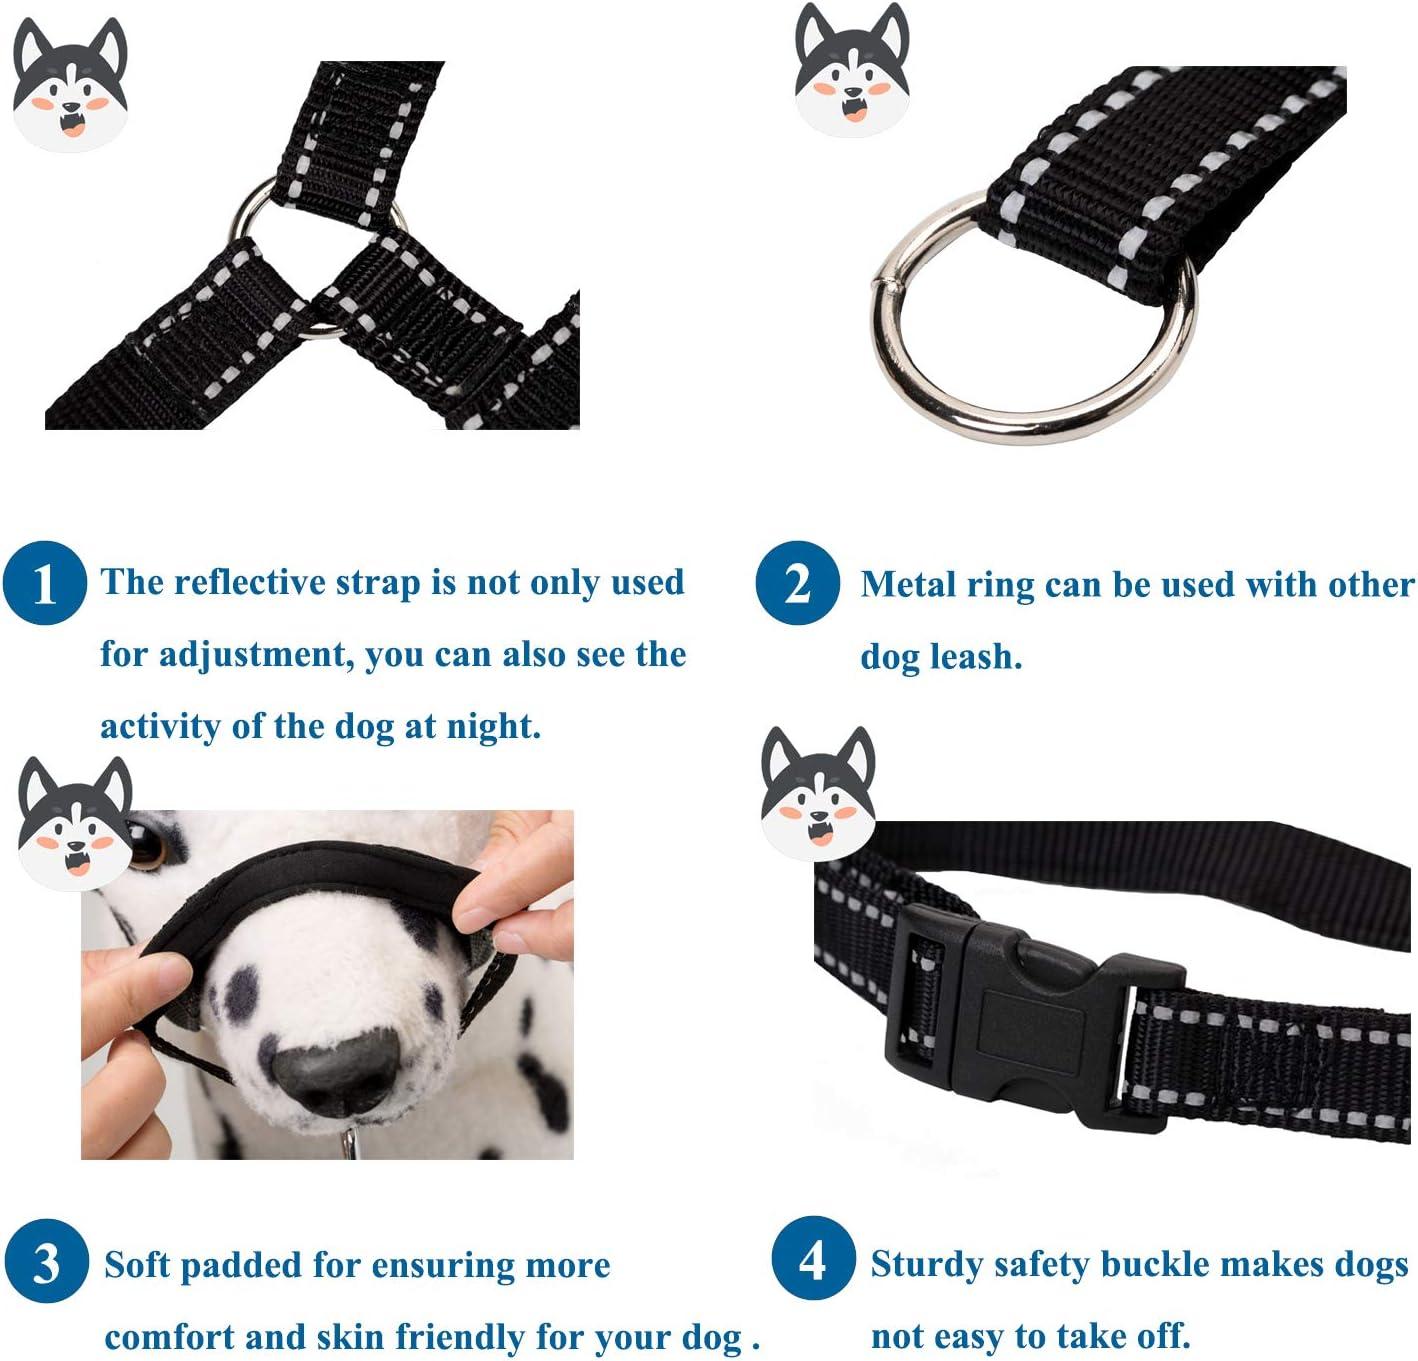 ILEPARK Hundehalfter Mit Reflektierendem Riemen Halfterhalsband F/ür Hunde Verstellbar Und Einfach Zu Kontrollieren.